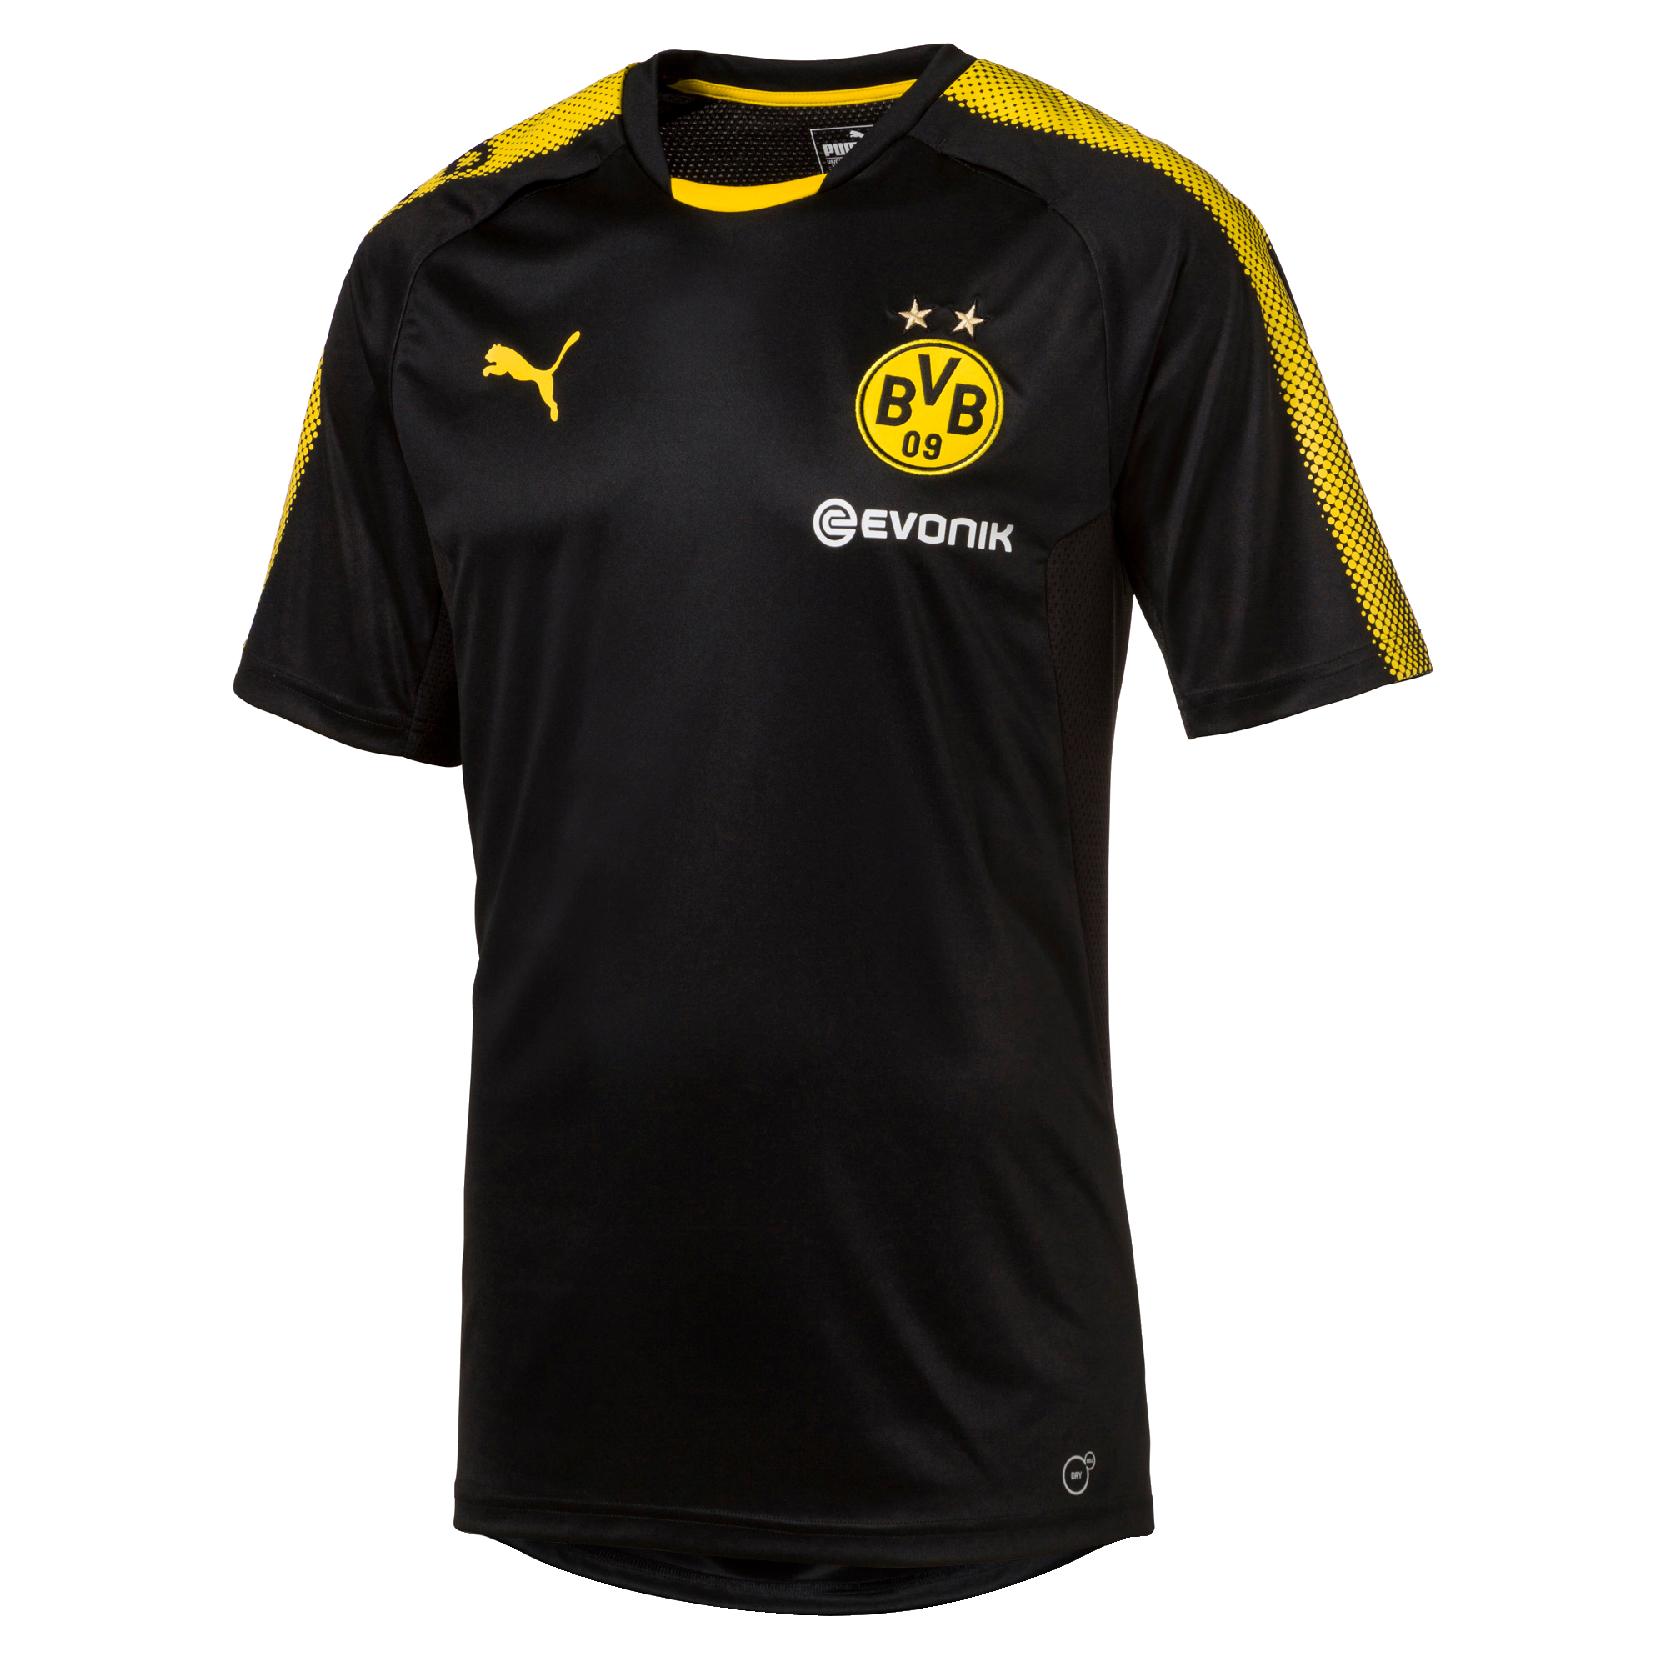 Puma Borussia Dortmund Trainingtrikot 17/18 und weiterer Puma BVB Merchandise im Sale